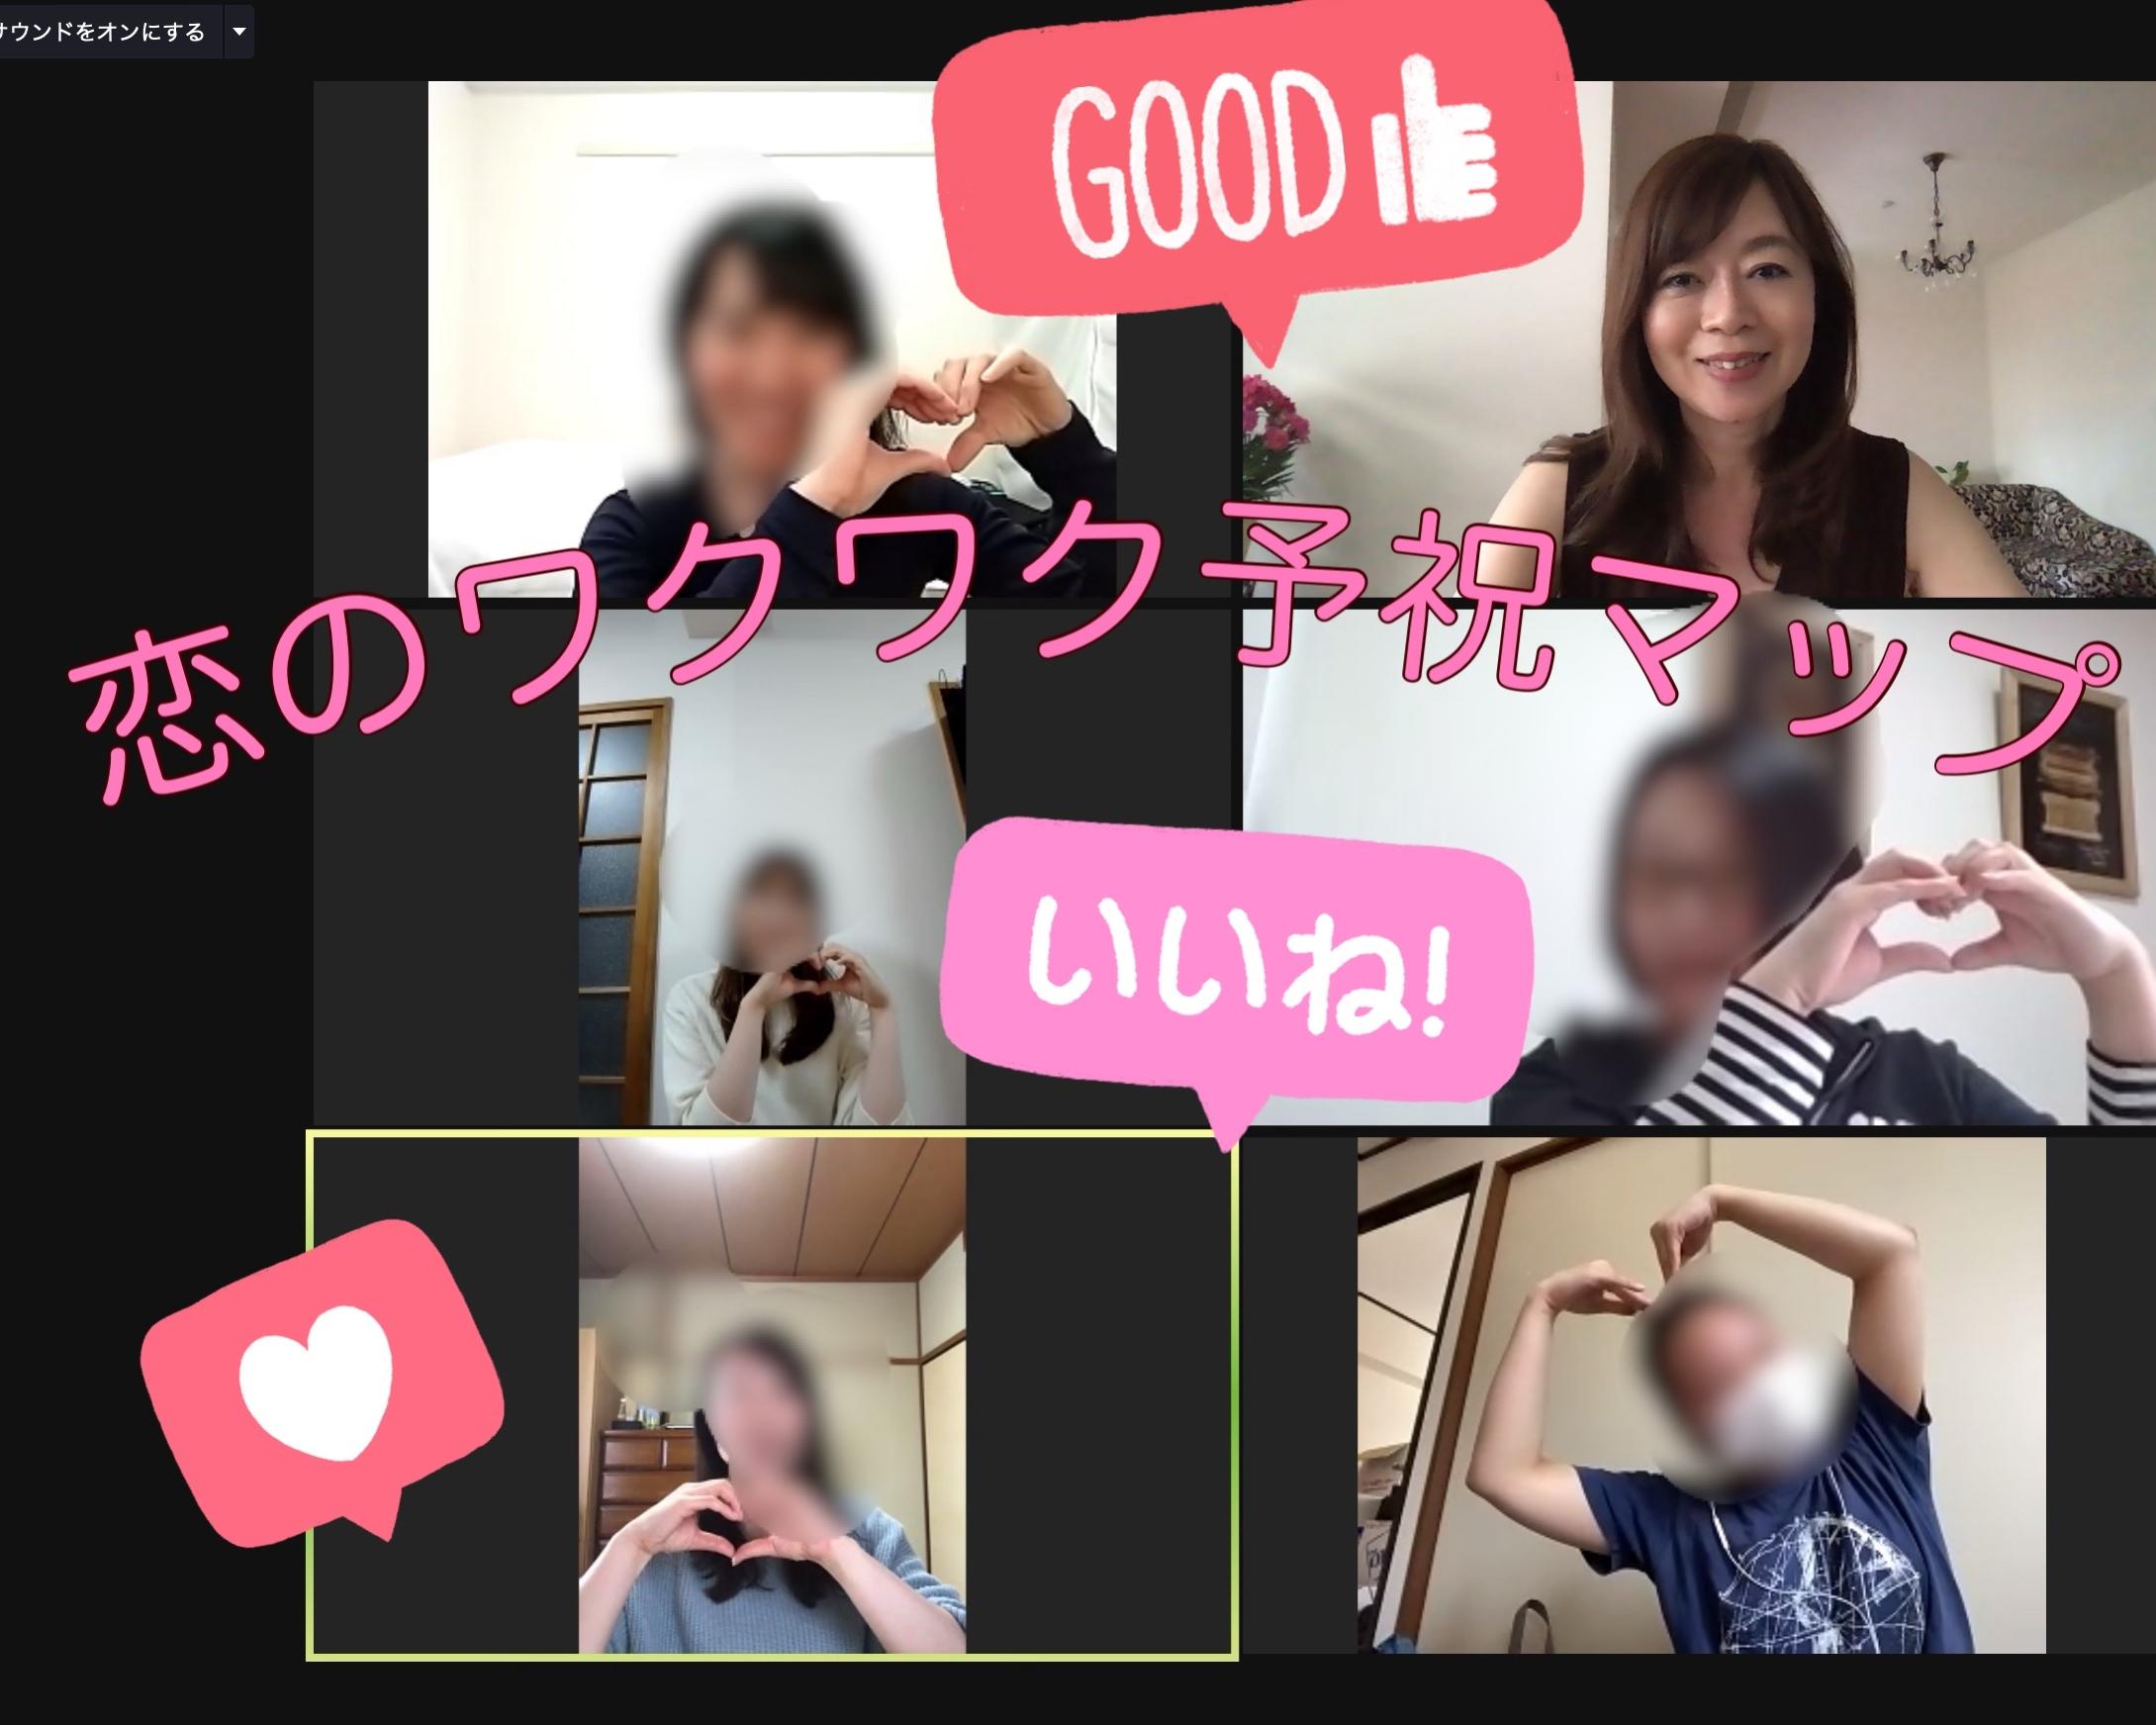 予祝で理想の未来を引き寄せる♡恋のワクワク予祝マップオンラインワークショップ